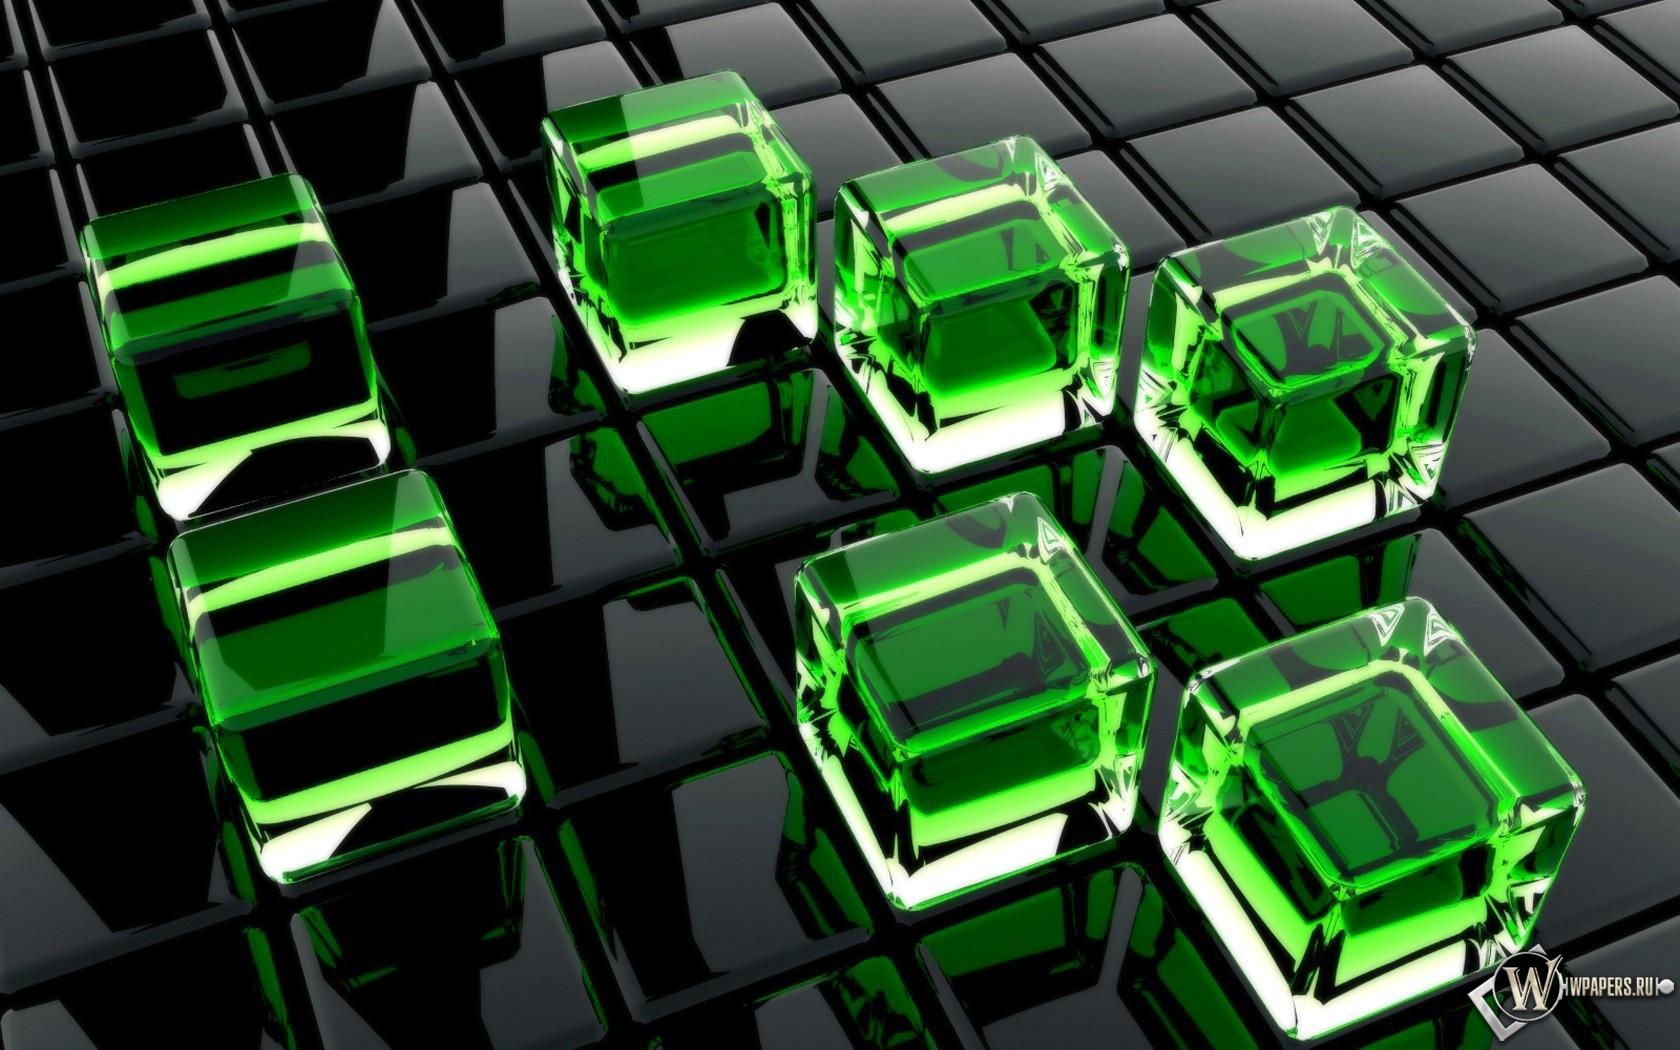 Стеклянные кубы 1680x1050